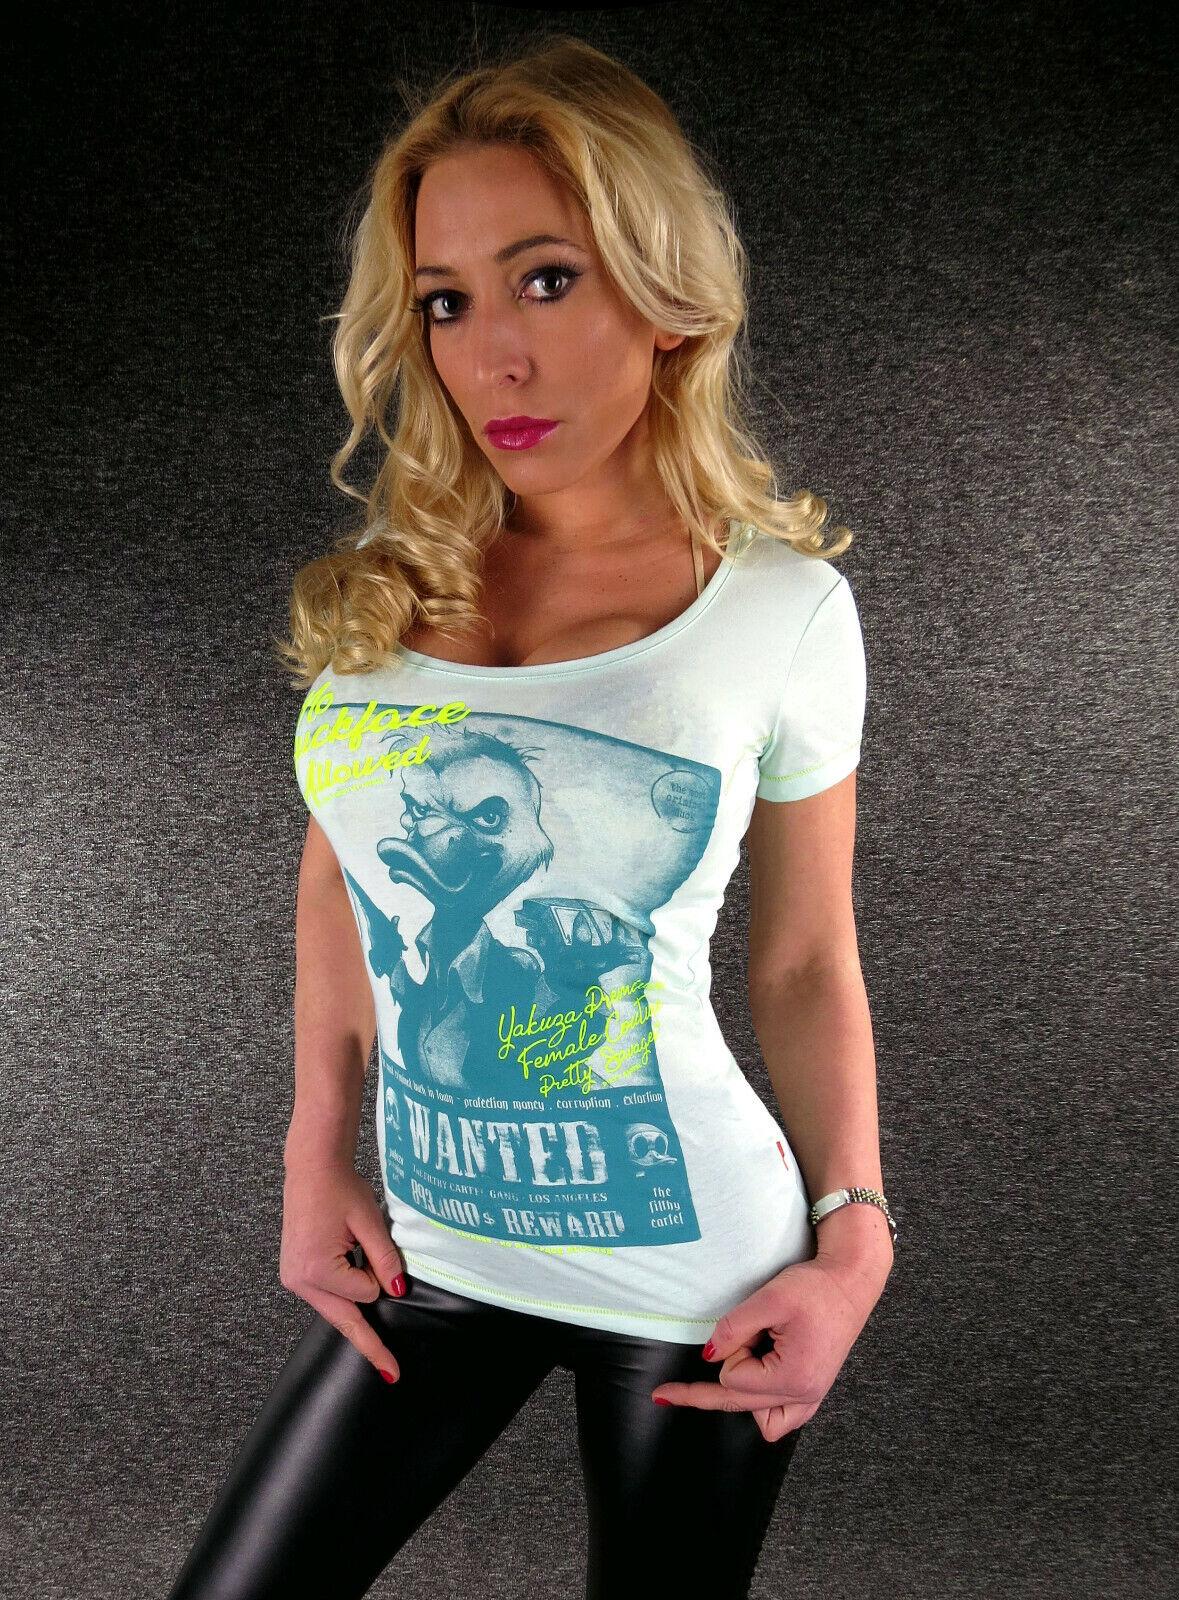 YAKUZA Premium T-Shirt Damen GS 2634 Mint XS S M L XL sexy Girl Shirt Wanted